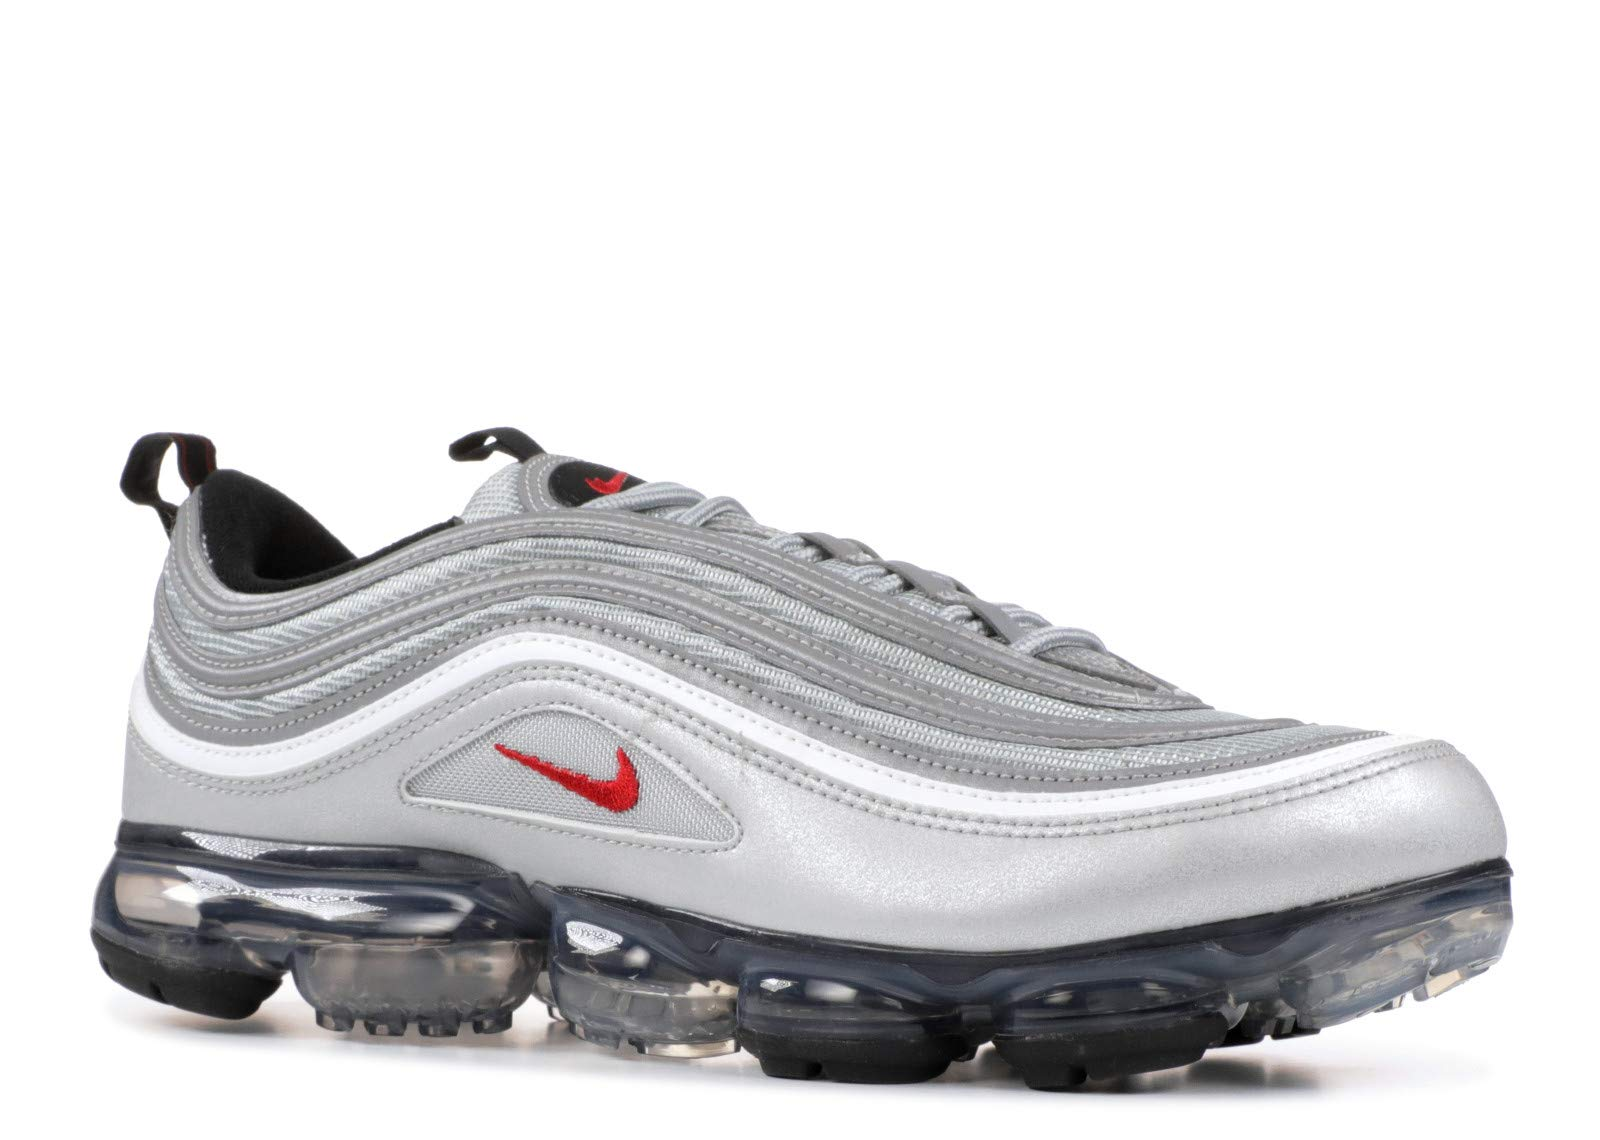 promo code a98cf fbbd2 Nike Air Vapormax ´97 Silver Bullet AJ7291-002 Metallic Silver/White Men's  Shoes (11)